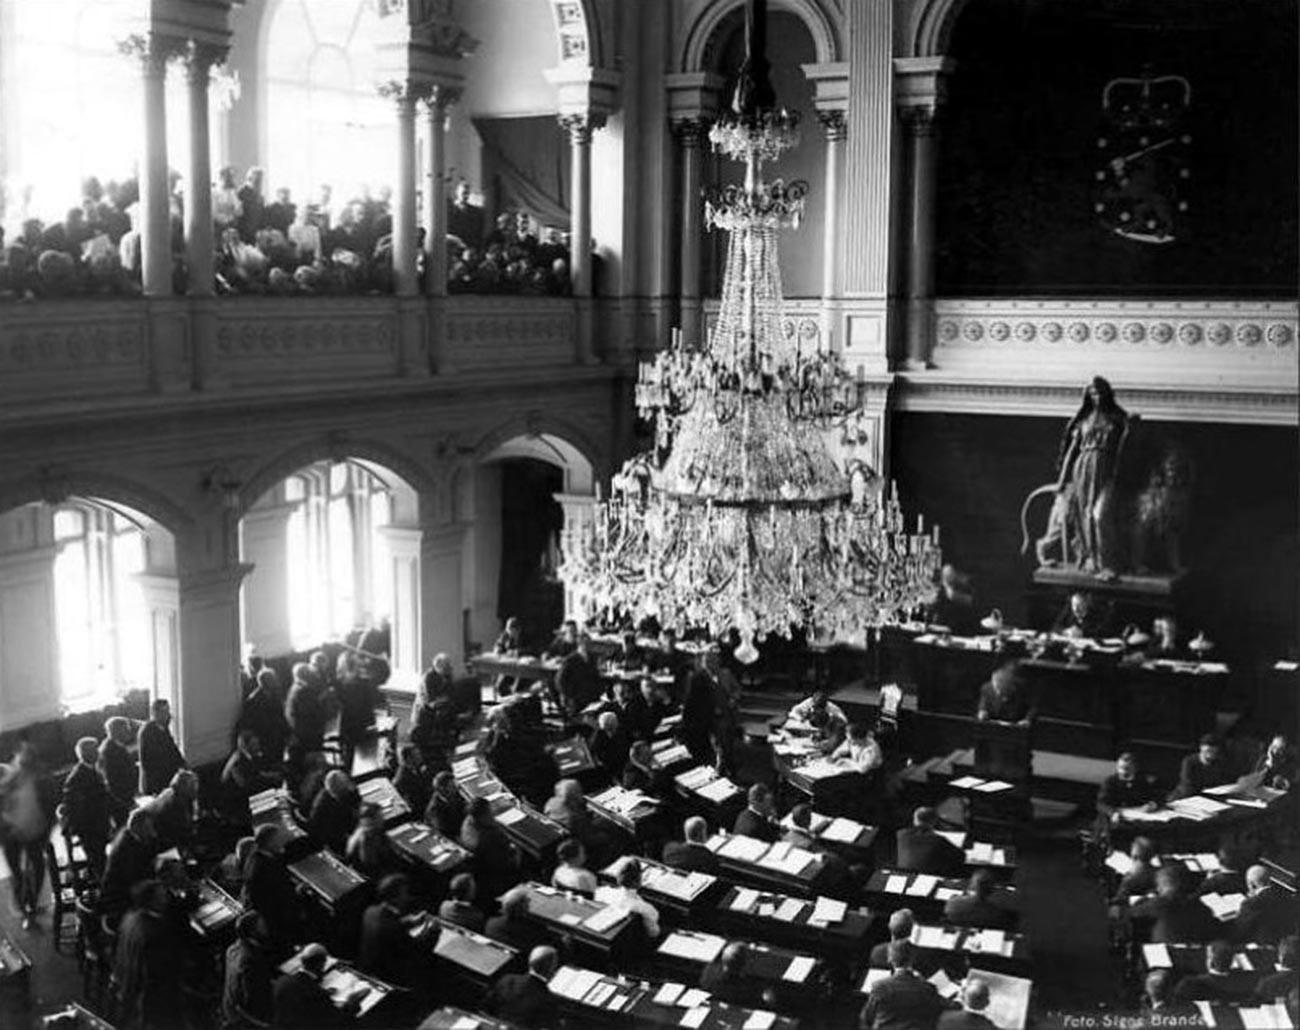 Prvo zasedanje finskega parlamenta, 1907